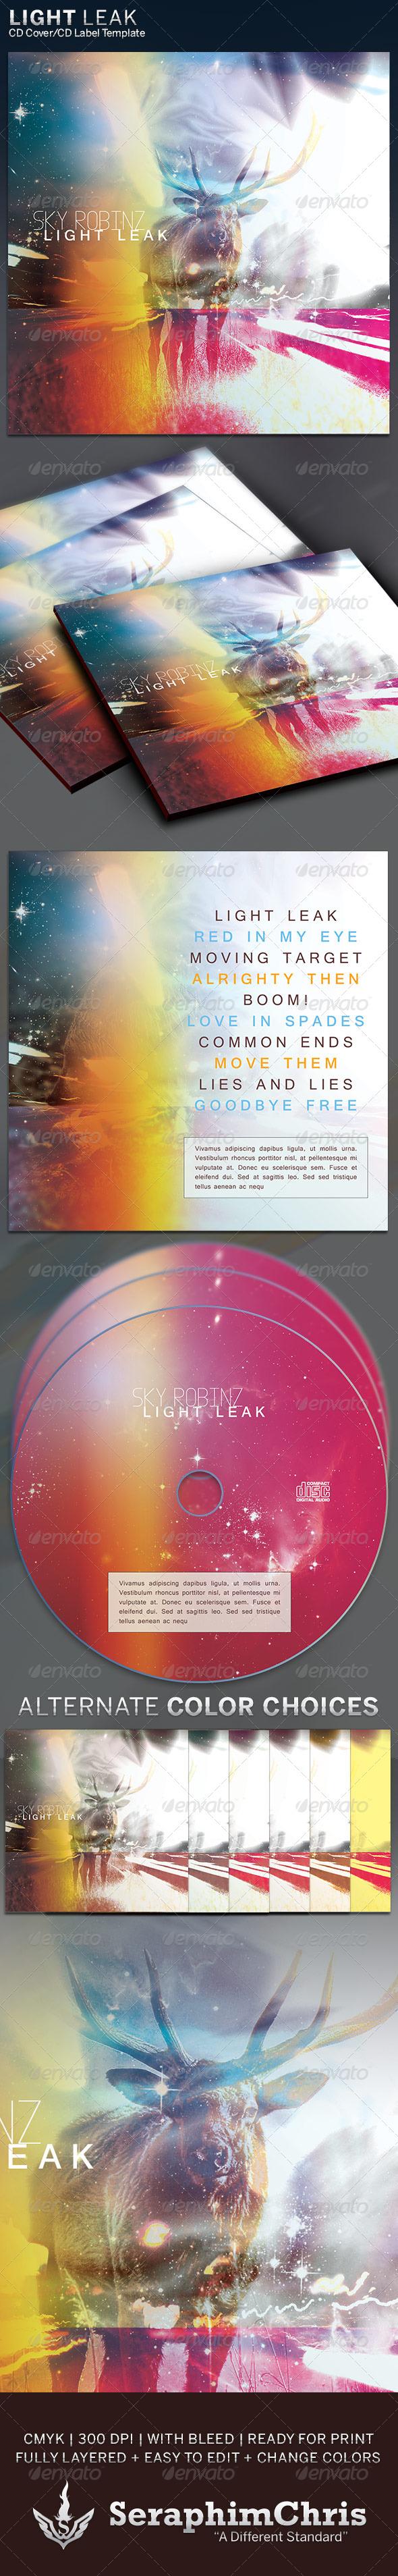 Light Leak: CD Cover Artwork Template - CD & DVD Artwork Print Templates